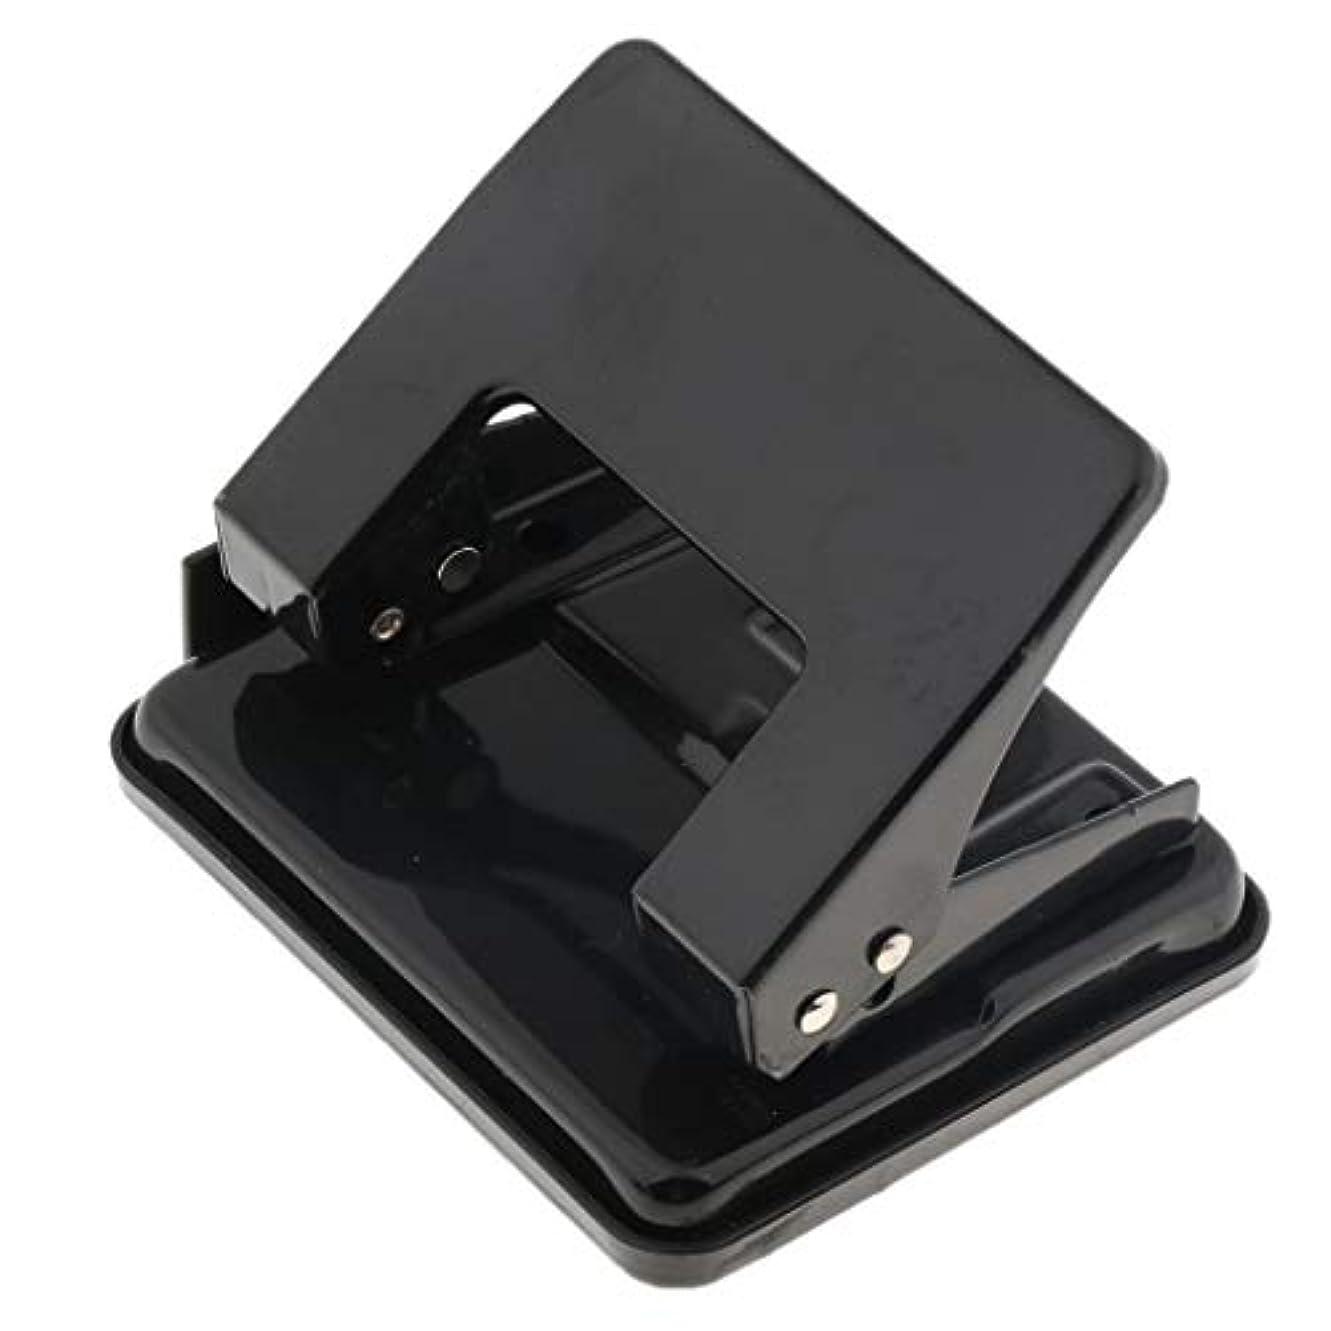 フランクワースリー事業内容ぎこちないF Fityle 穴あけパンチ 紙穴パンチ ブラック パンチャー ハンドツール 高品質 手持ち 文具